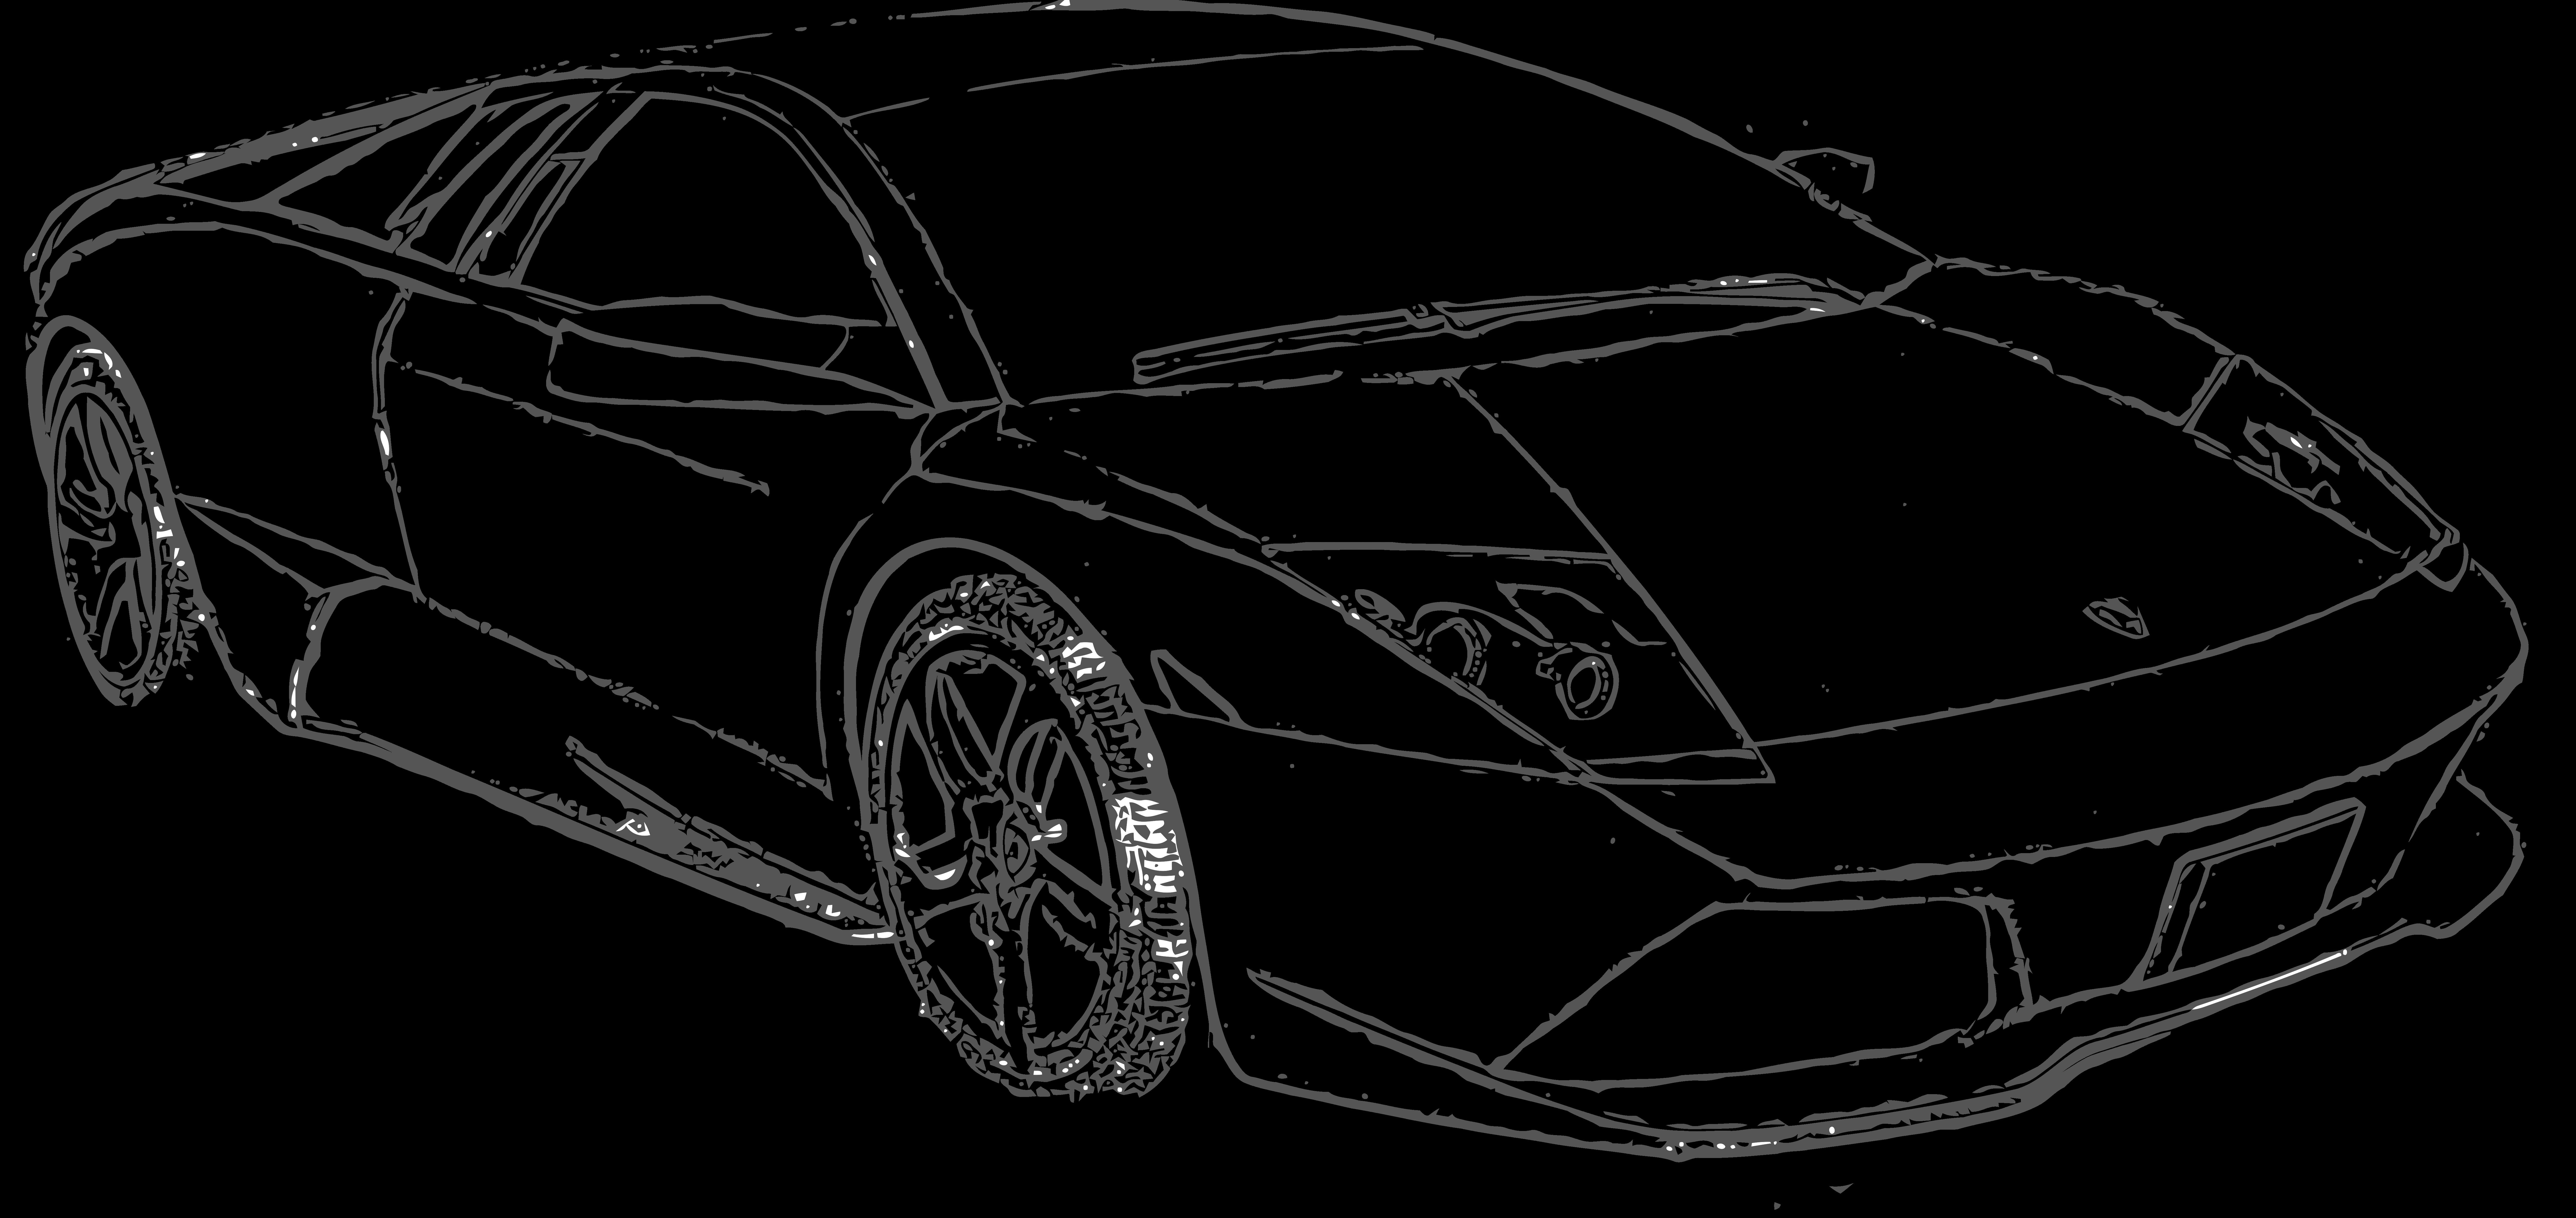 svg transparent download Lamborghini outline at getdrawings. Drawing lambo.